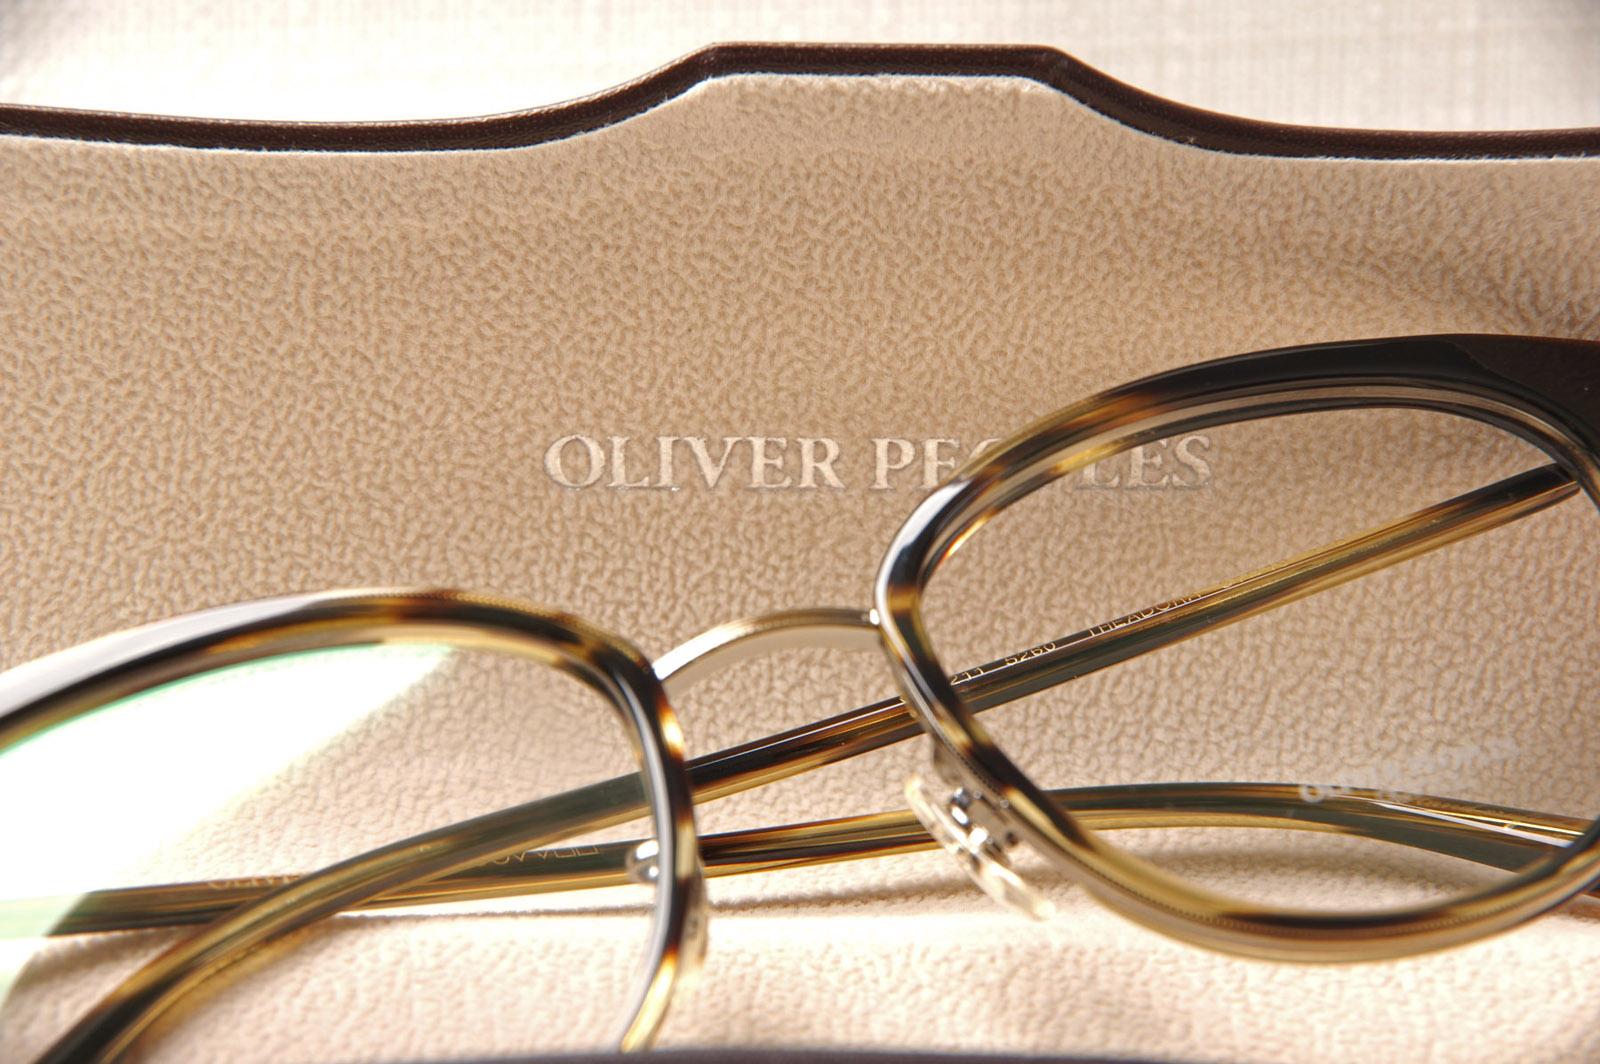 Lunettes de vue OLIVER PEOPLES de forme cateyes THEADORA - Opticien ... 9079f890d78